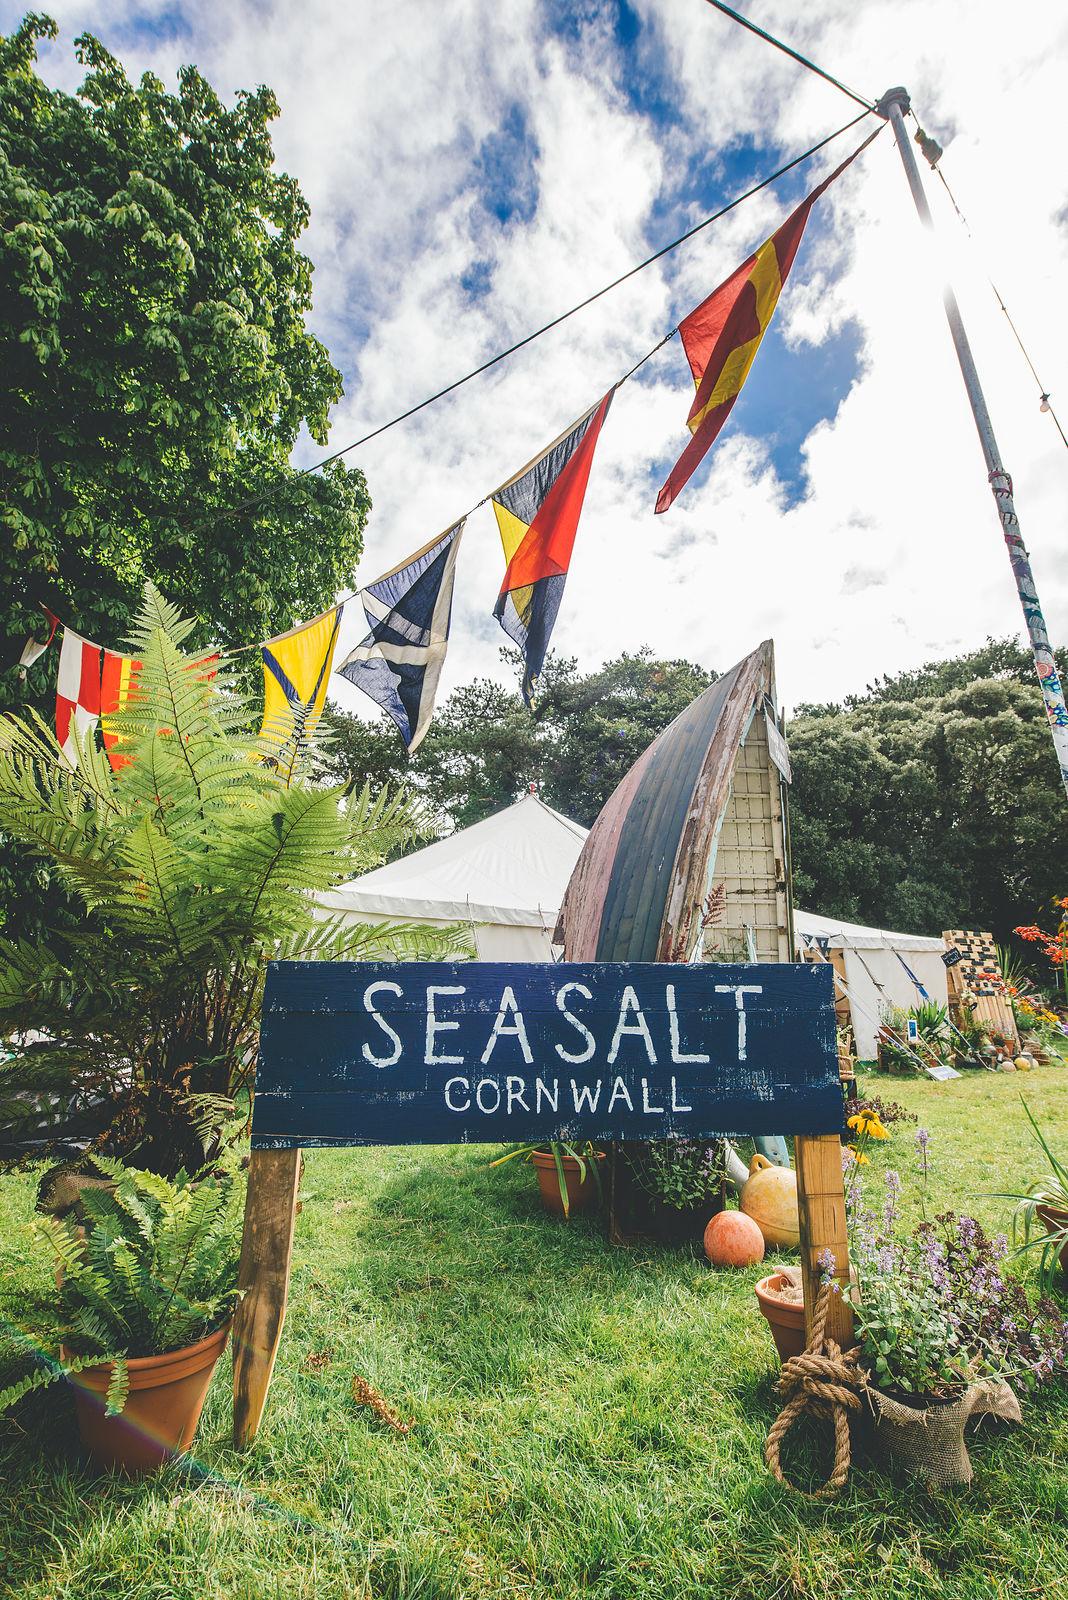 Seasalt Fishermen's Yard